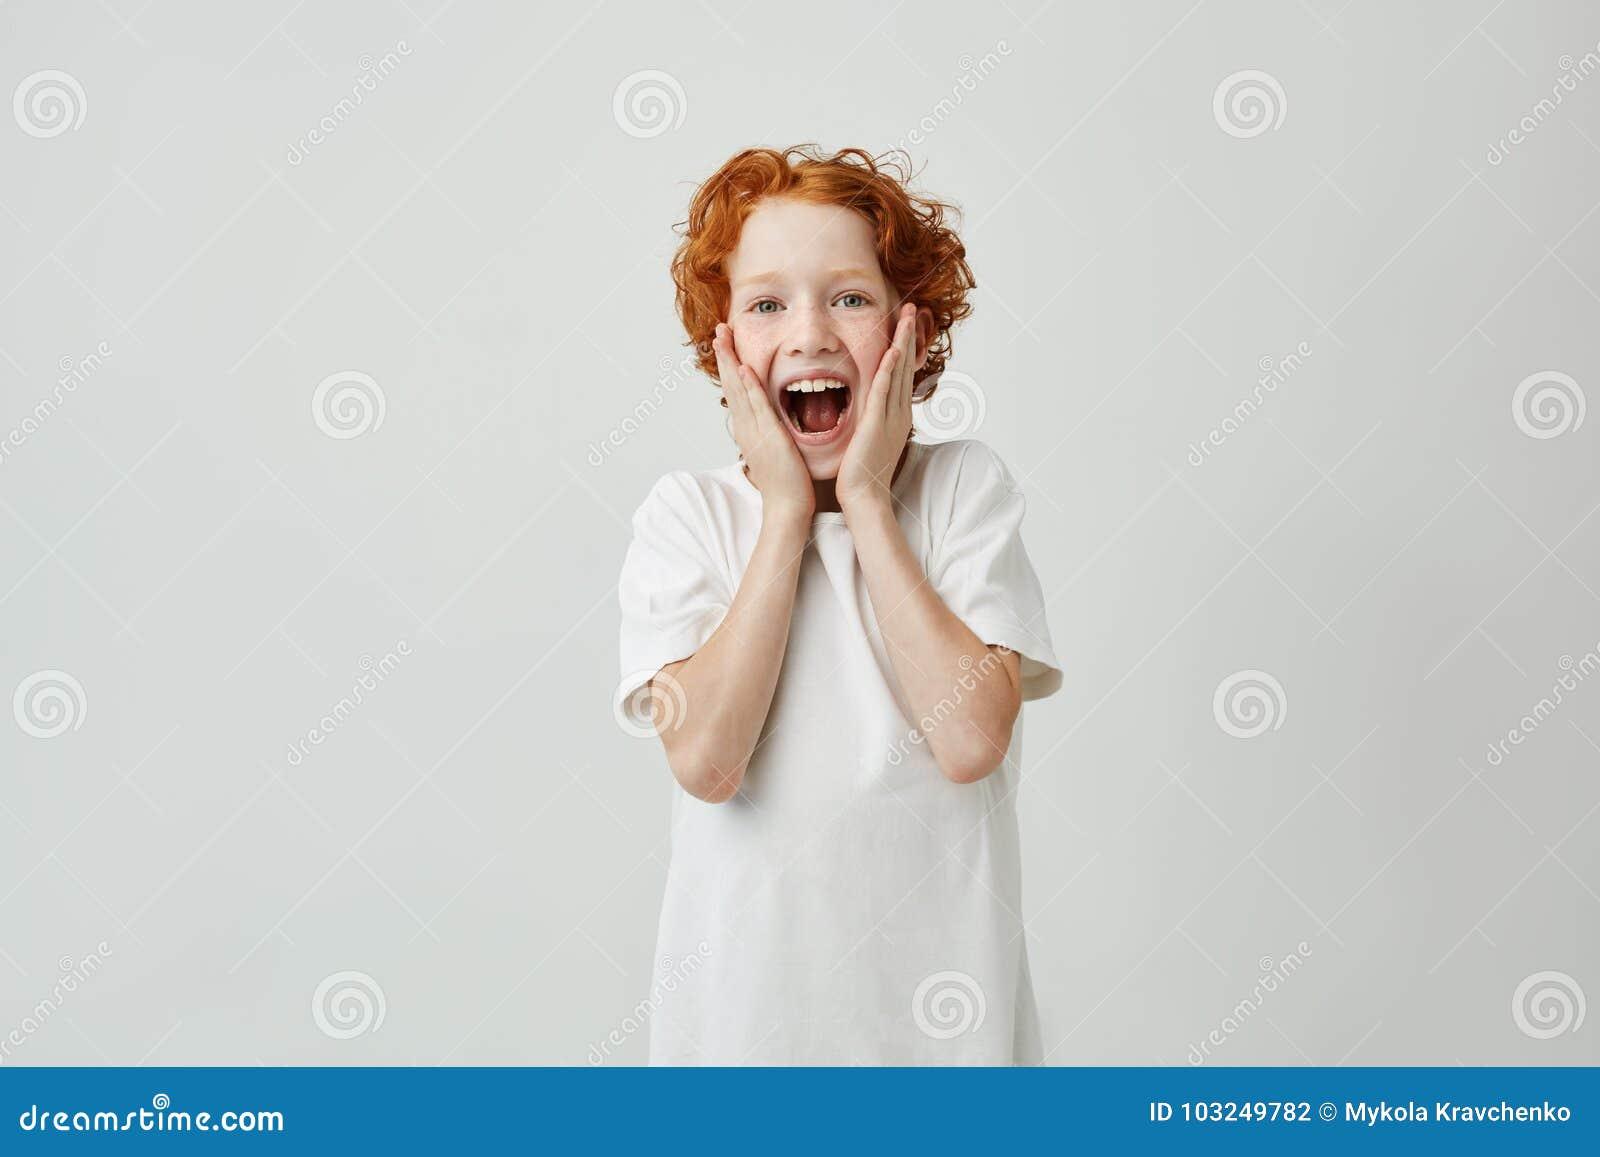 Stående av det gulliga röda haired barnet som skriker med lyckligt uttryck, när fadern gav honom den lilla valpen som jul